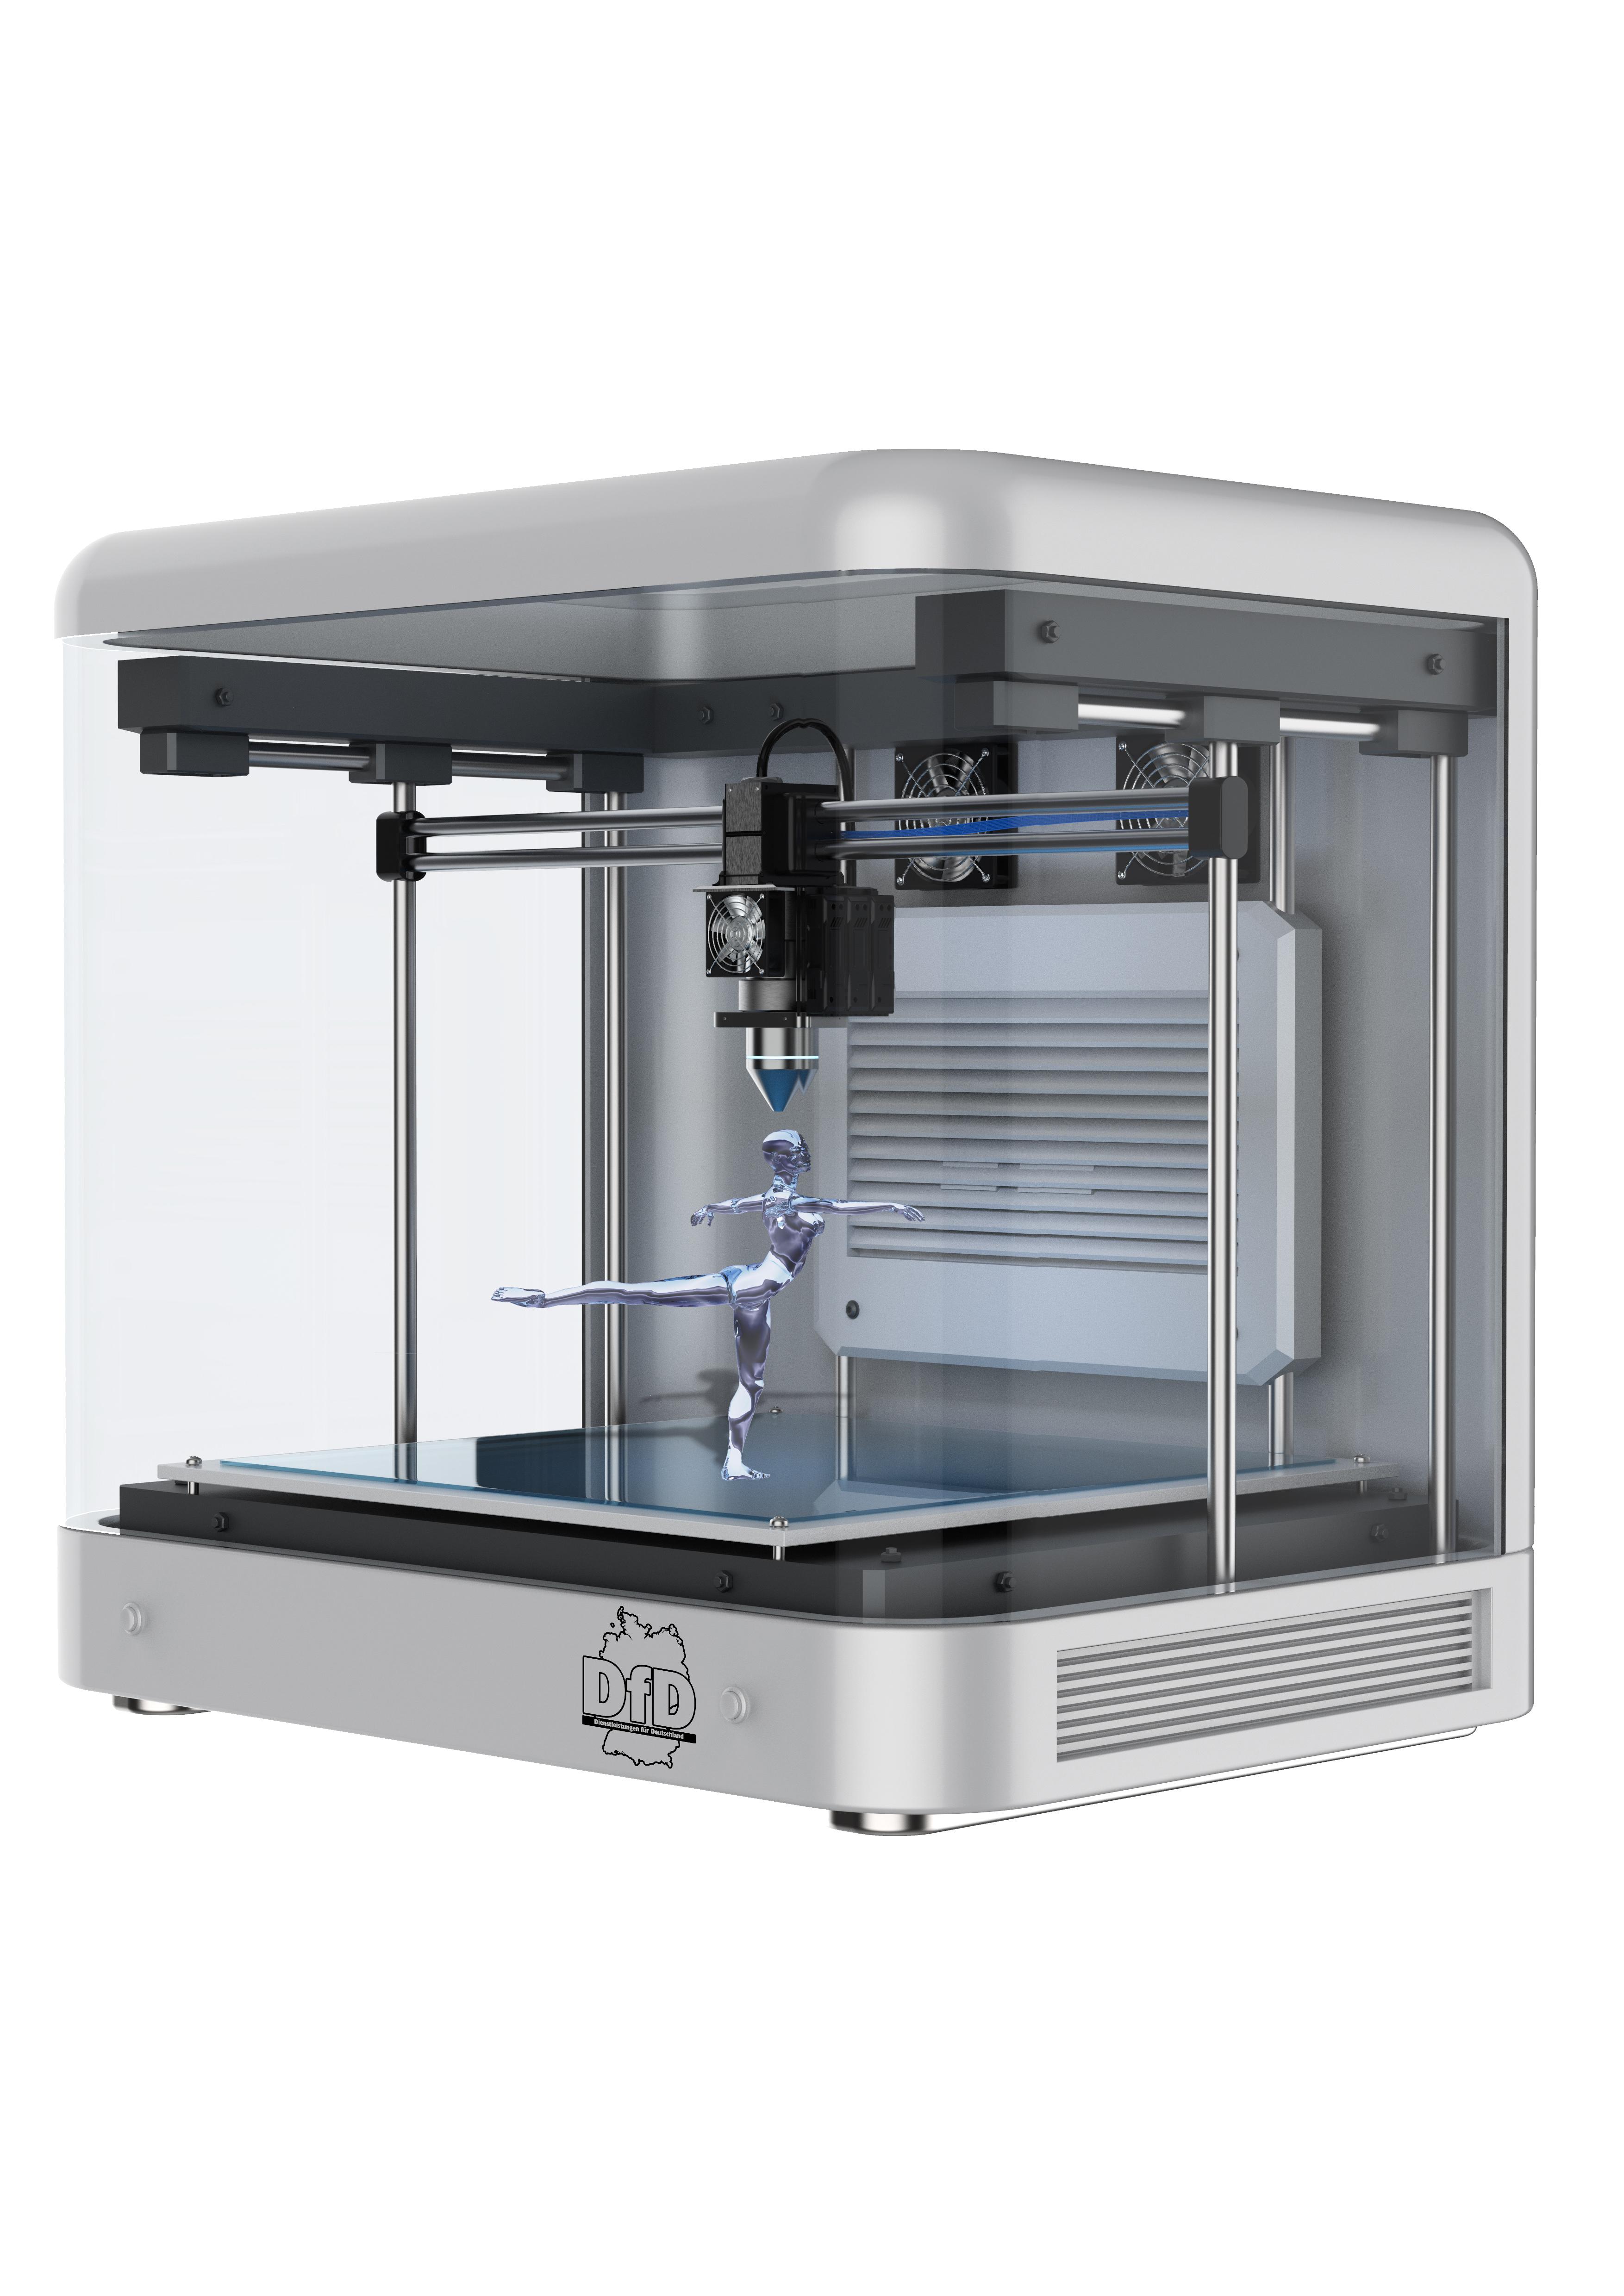 Bild des 3D-Eis-Druckers